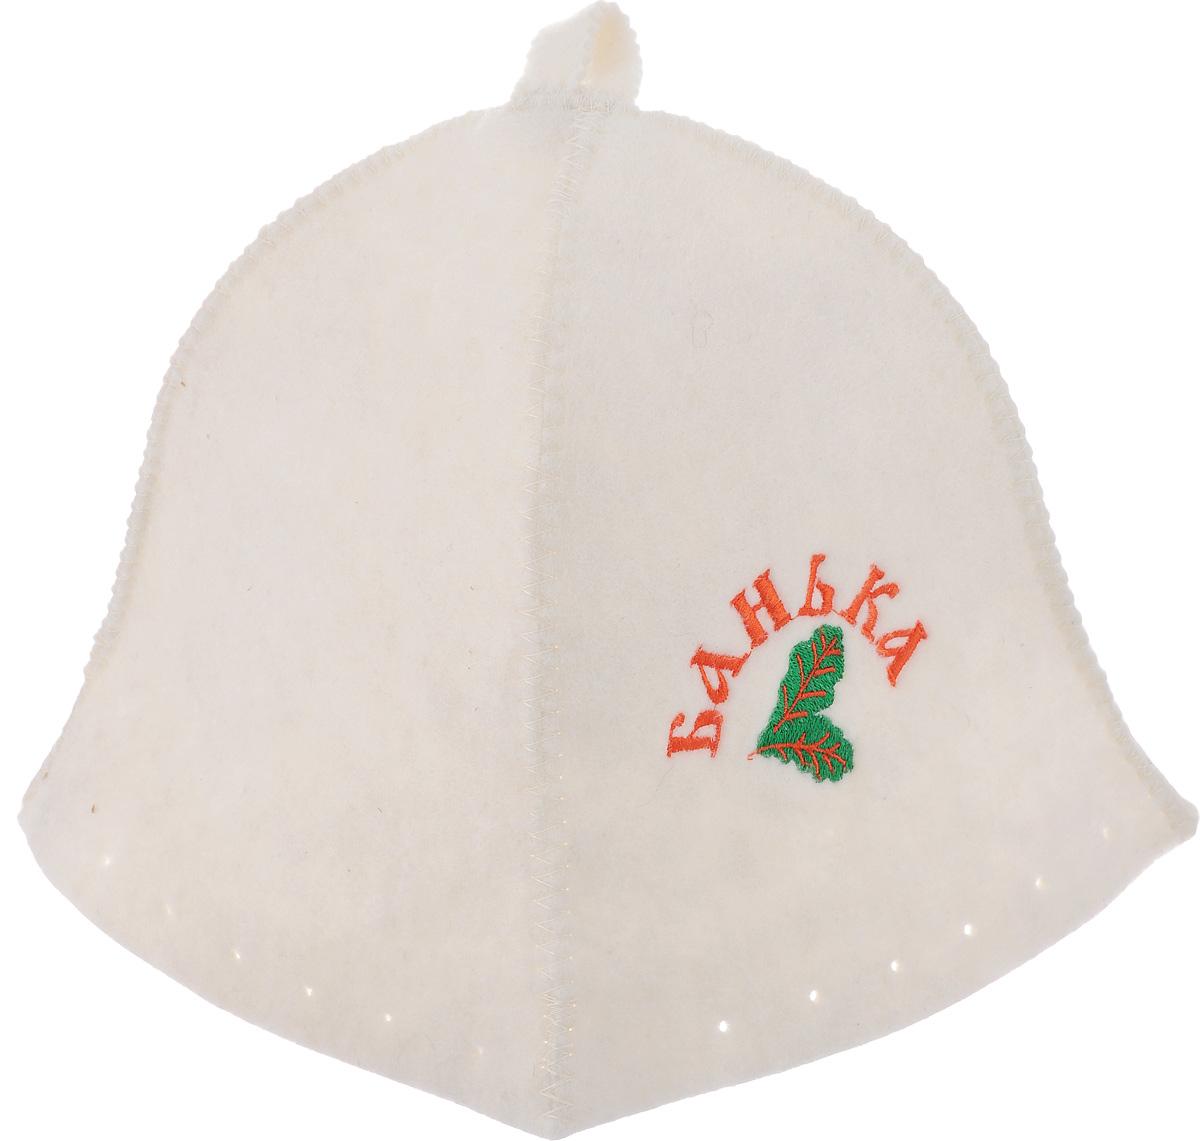 Шапка для бани и сауны Proffi Люкс. БанькаPS0043Банная шапка Proffi Люкс. Банька изготовлена из высококачественного войлока и декорирована изображением двух листьев и надписью Банька. Банная шапка - это незаменимый аксессуар для любителей попариться в русской бане и для тех, кто предпочитает сухой жар финской бани. Кроме того, шапка защитит волосы от сухости и ломкости, голову от перегрева и предотвратит появление головокружения. На шапке имеется петелька, с помощью которой ее можно повесить на крючок в предбаннике. Такая шапка станет отличным подарком для любителей отдыха в бане или сауне. Обхват головы: 74 см. Высота шапки: 24 см.